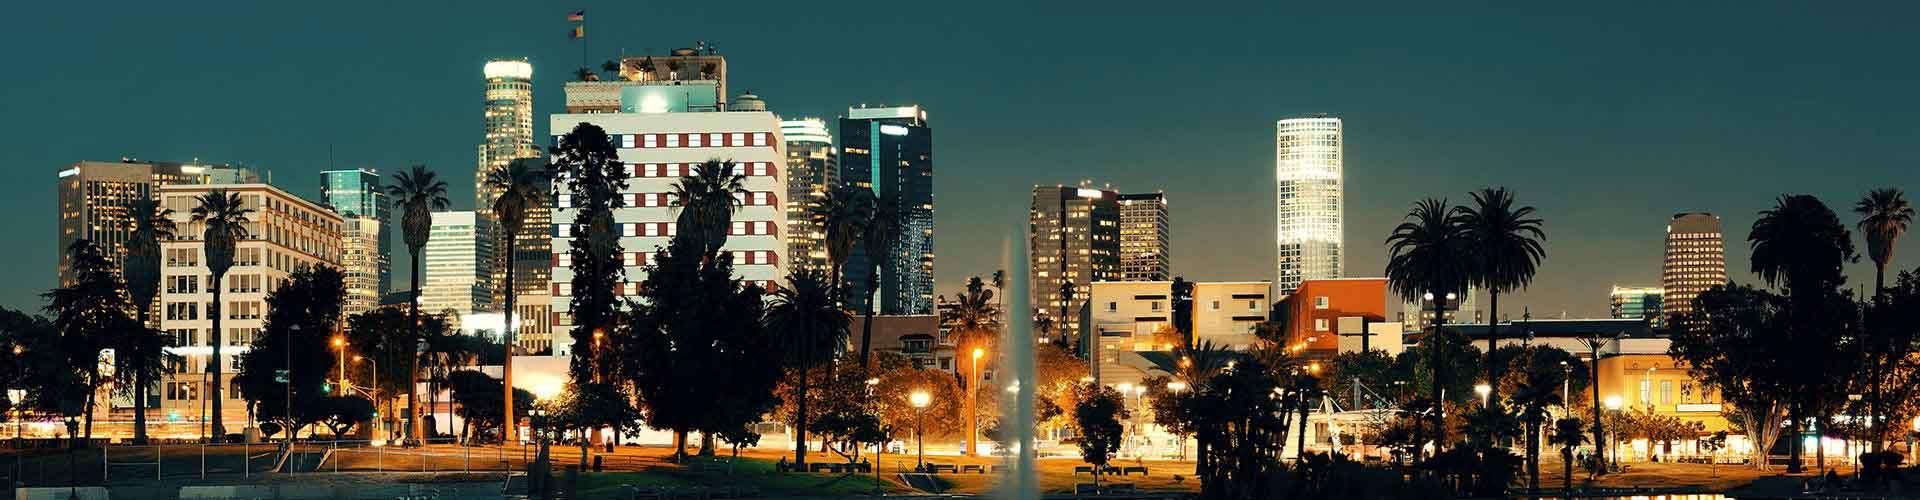 ロサンゼルス – 部屋 ロサンゼルス. 地図 ロサンゼルス, すべてのホステルの写真とレビュー ロサンゼルス.